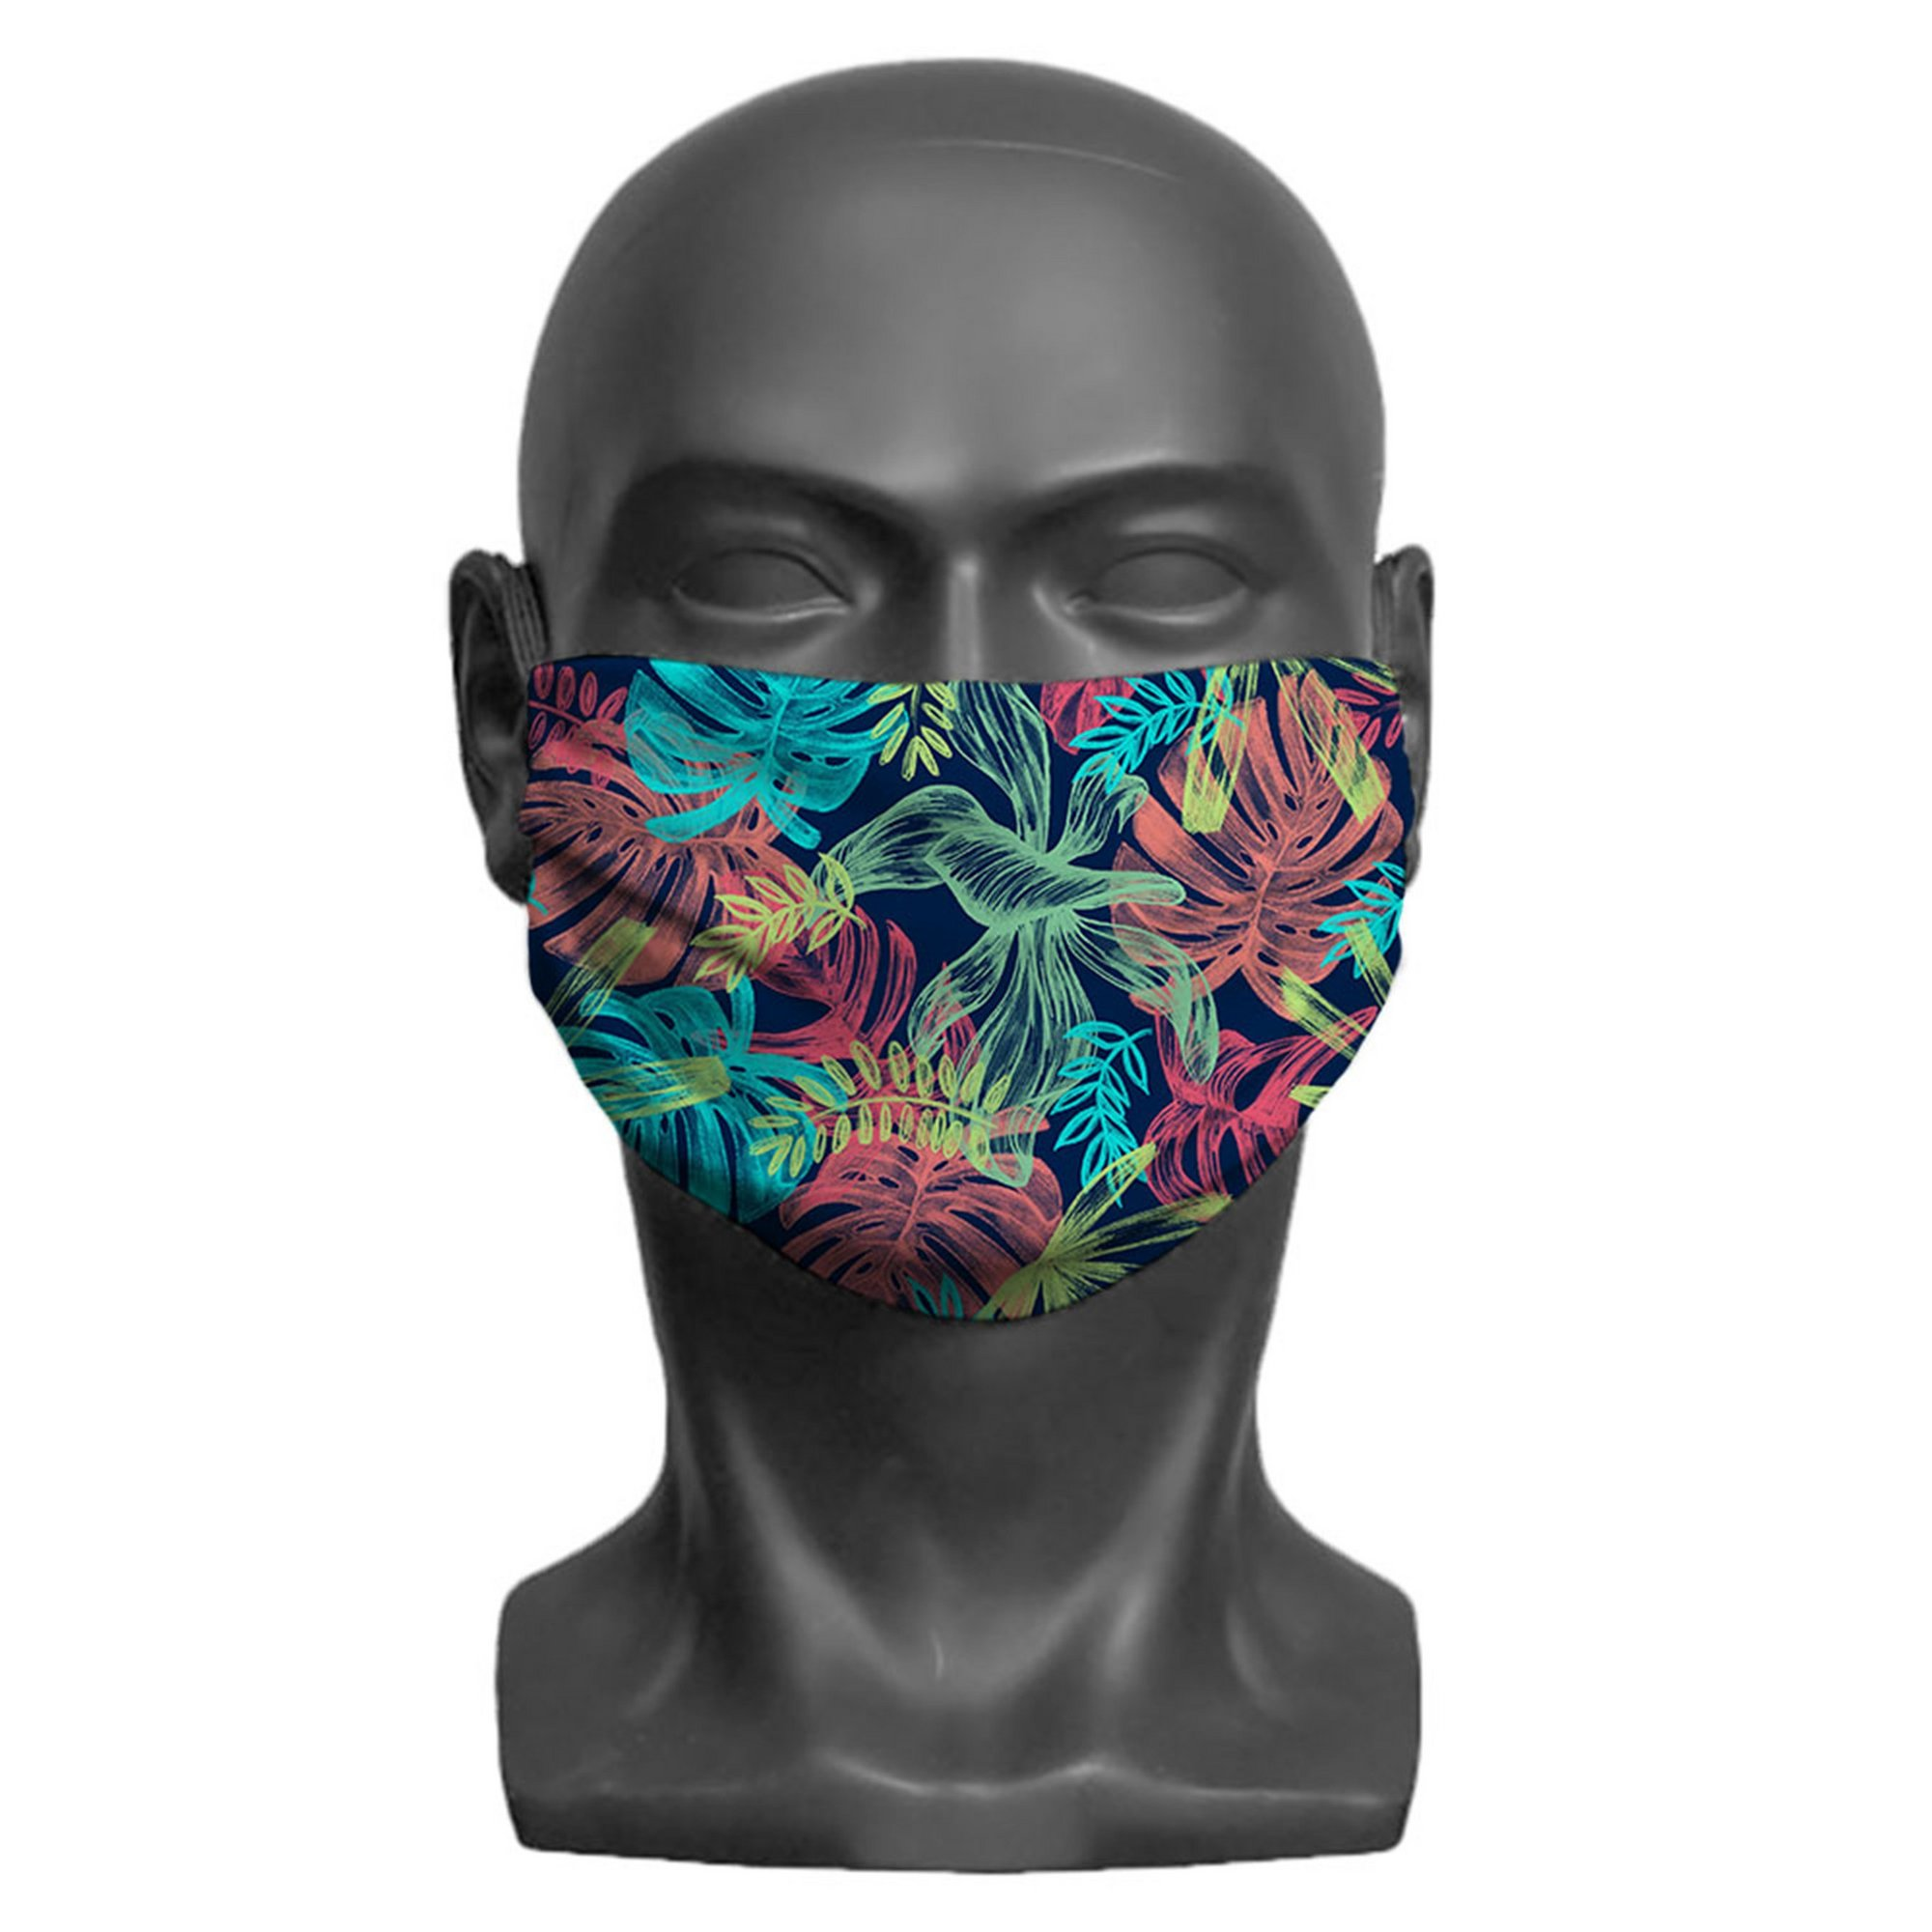 Image of Adult Leaf Print Face Mask